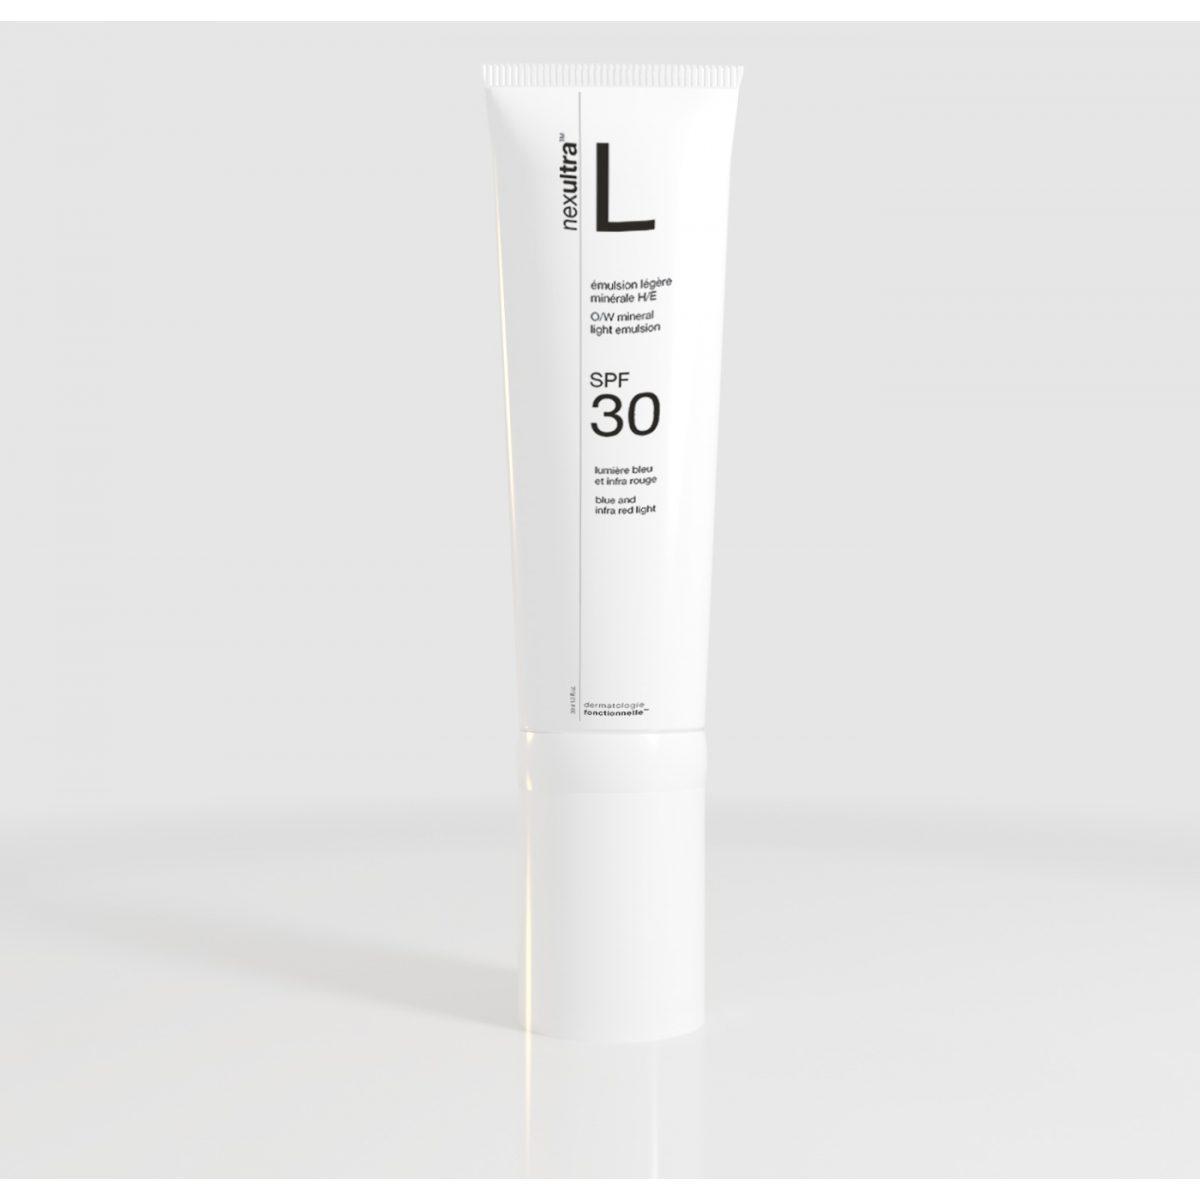 Crema NEXULTRA L cu SFP 30 - 75 ml